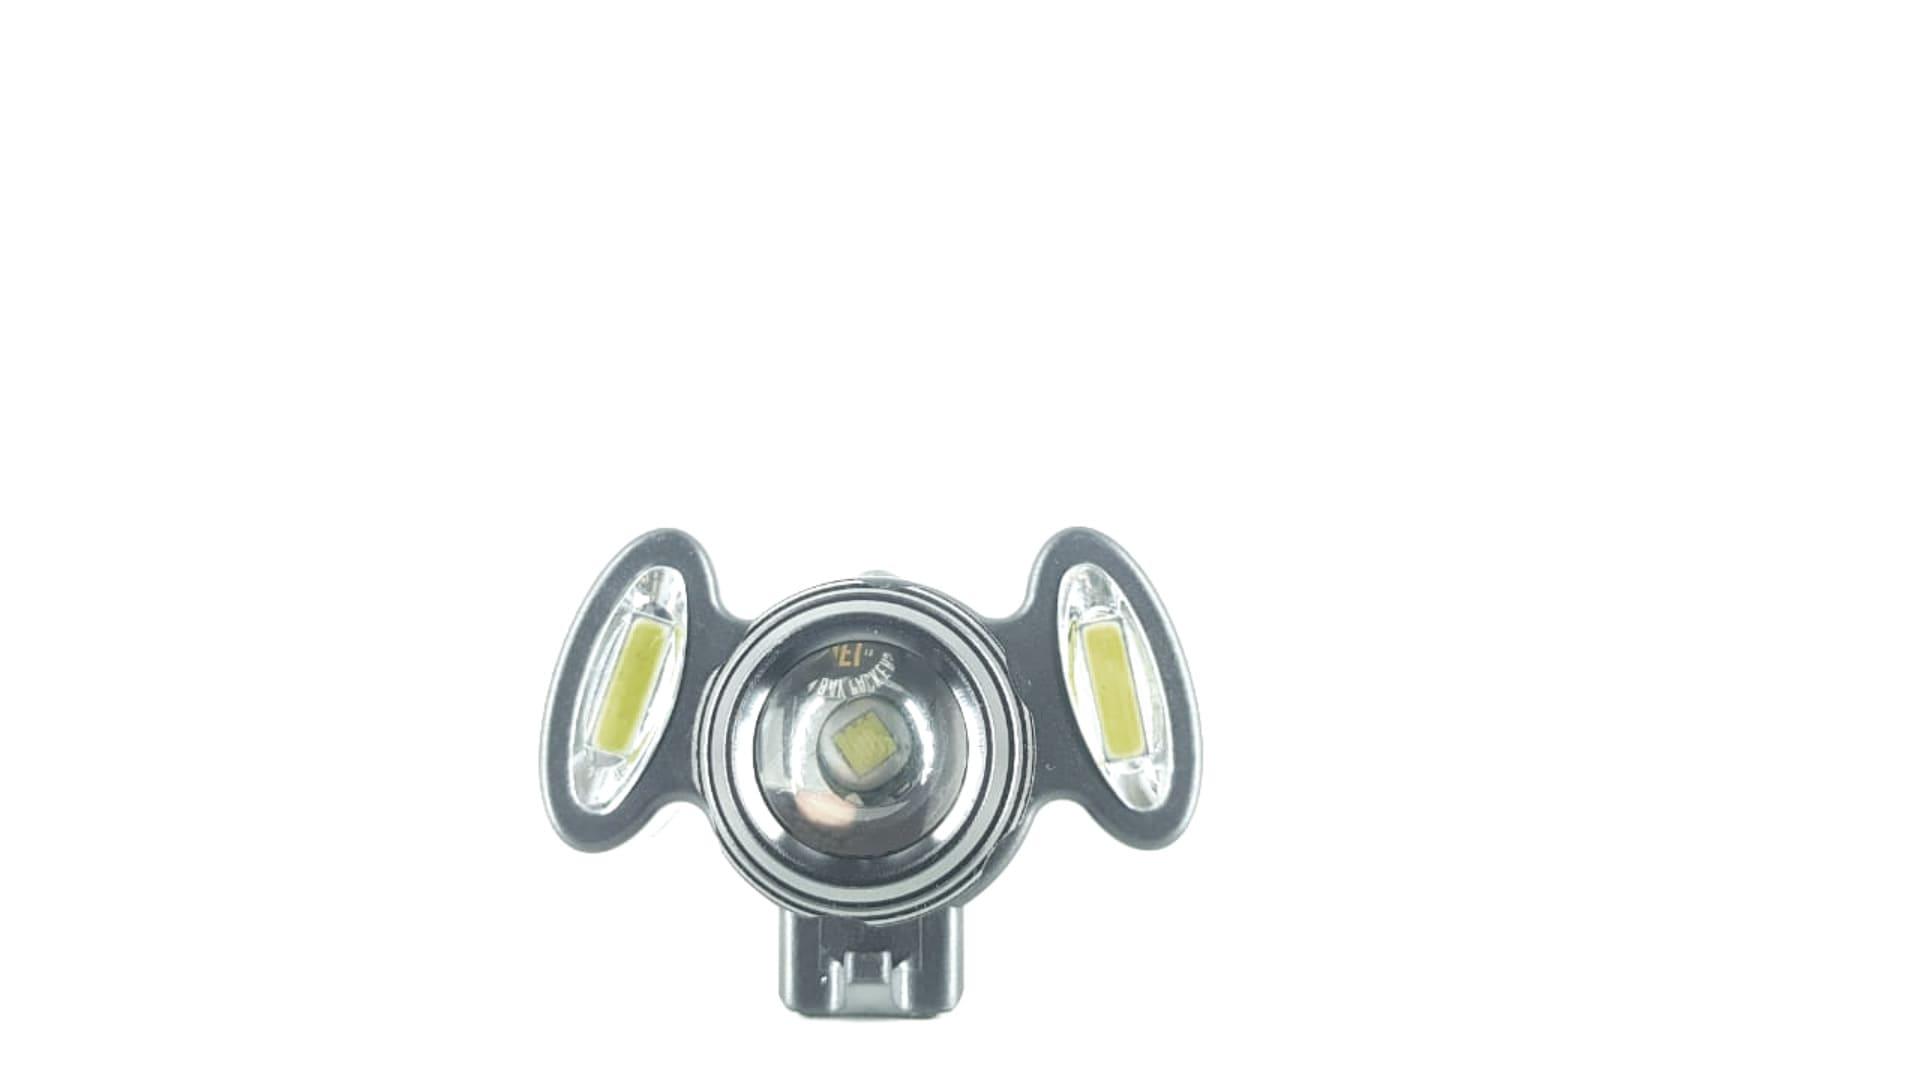 Farol Ciclismo USB 1200 Lumens Triplo GB729